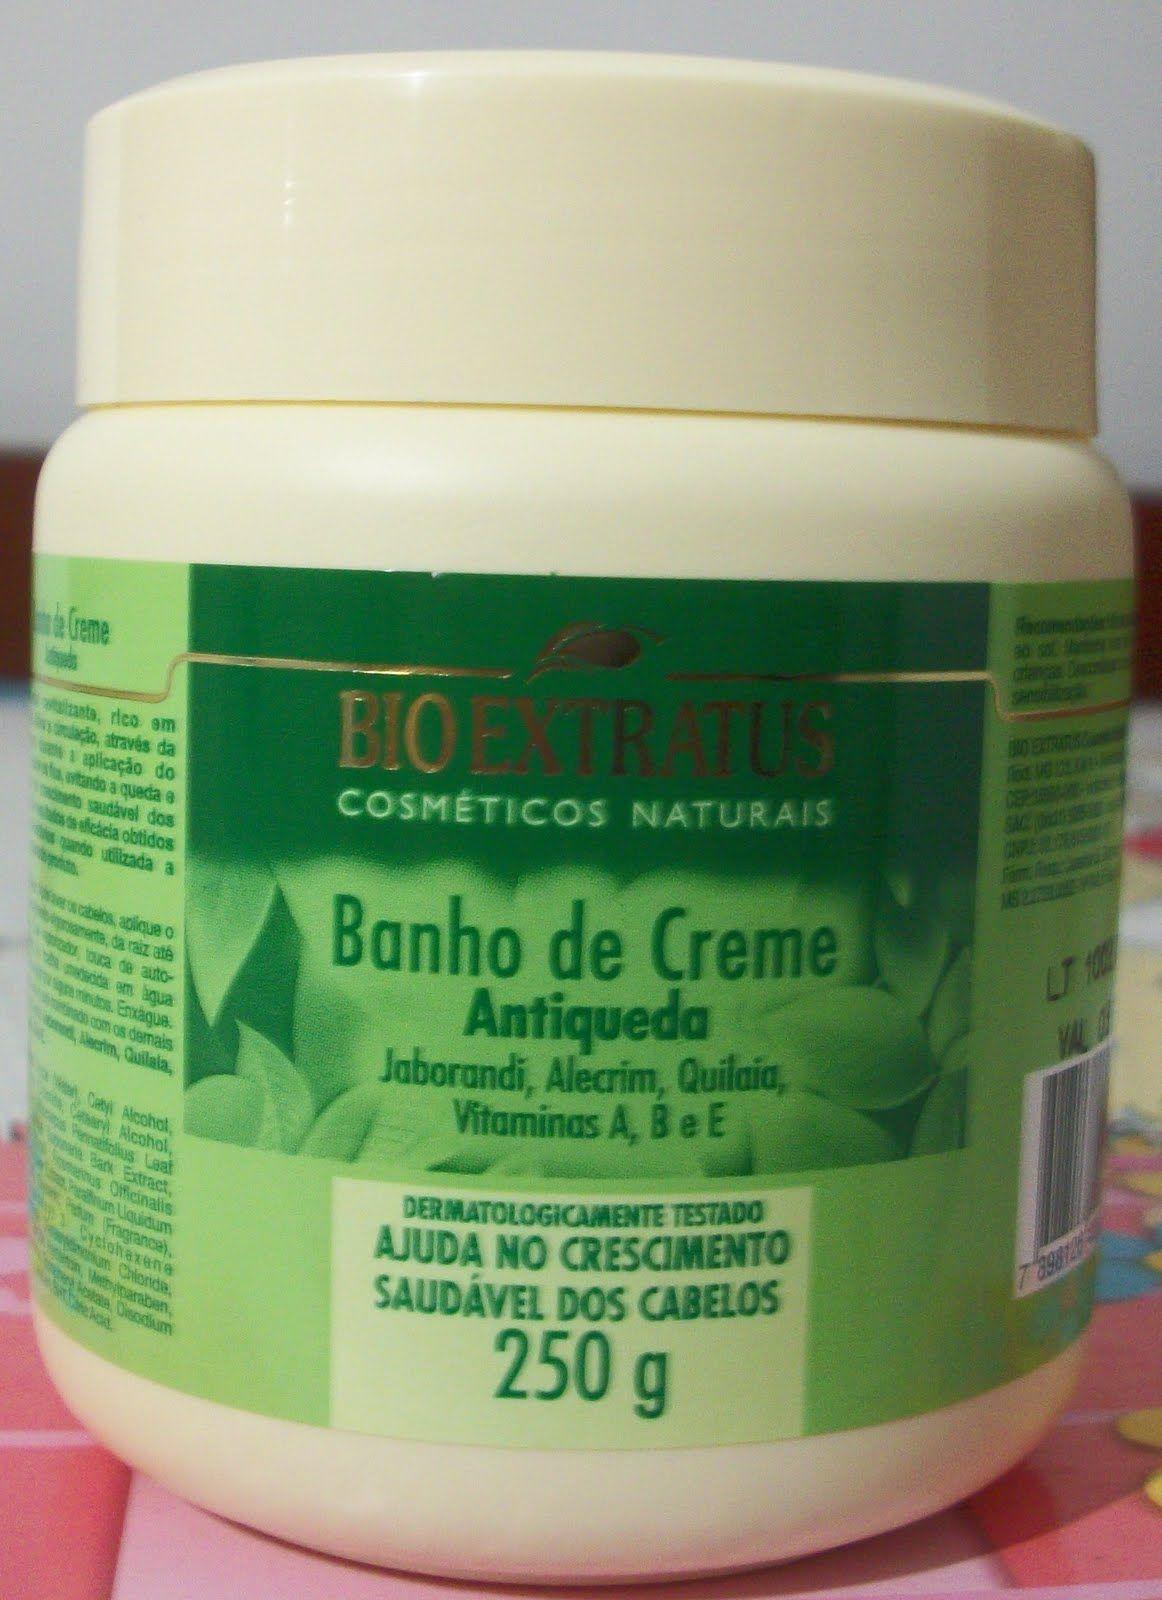 Hidratacao Bio Extratus Banho De Creme Antiqueda Com Imagens